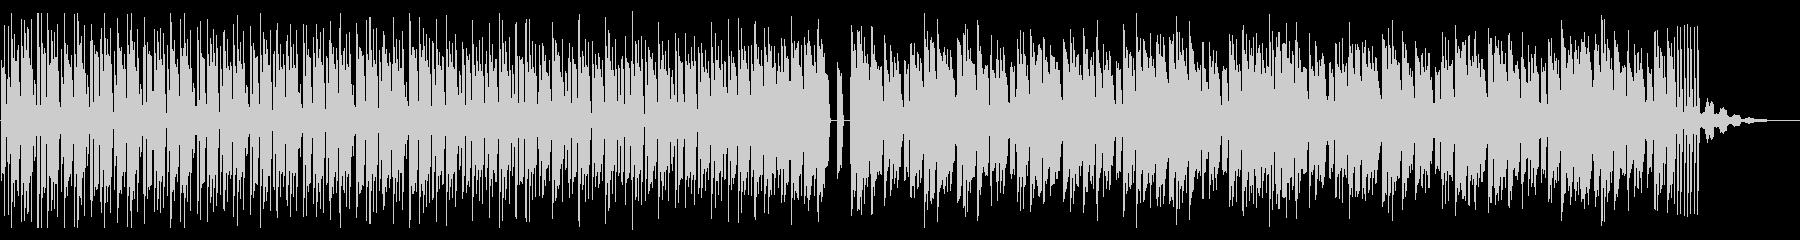 シンプルでビートの強いテクノ_2の未再生の波形